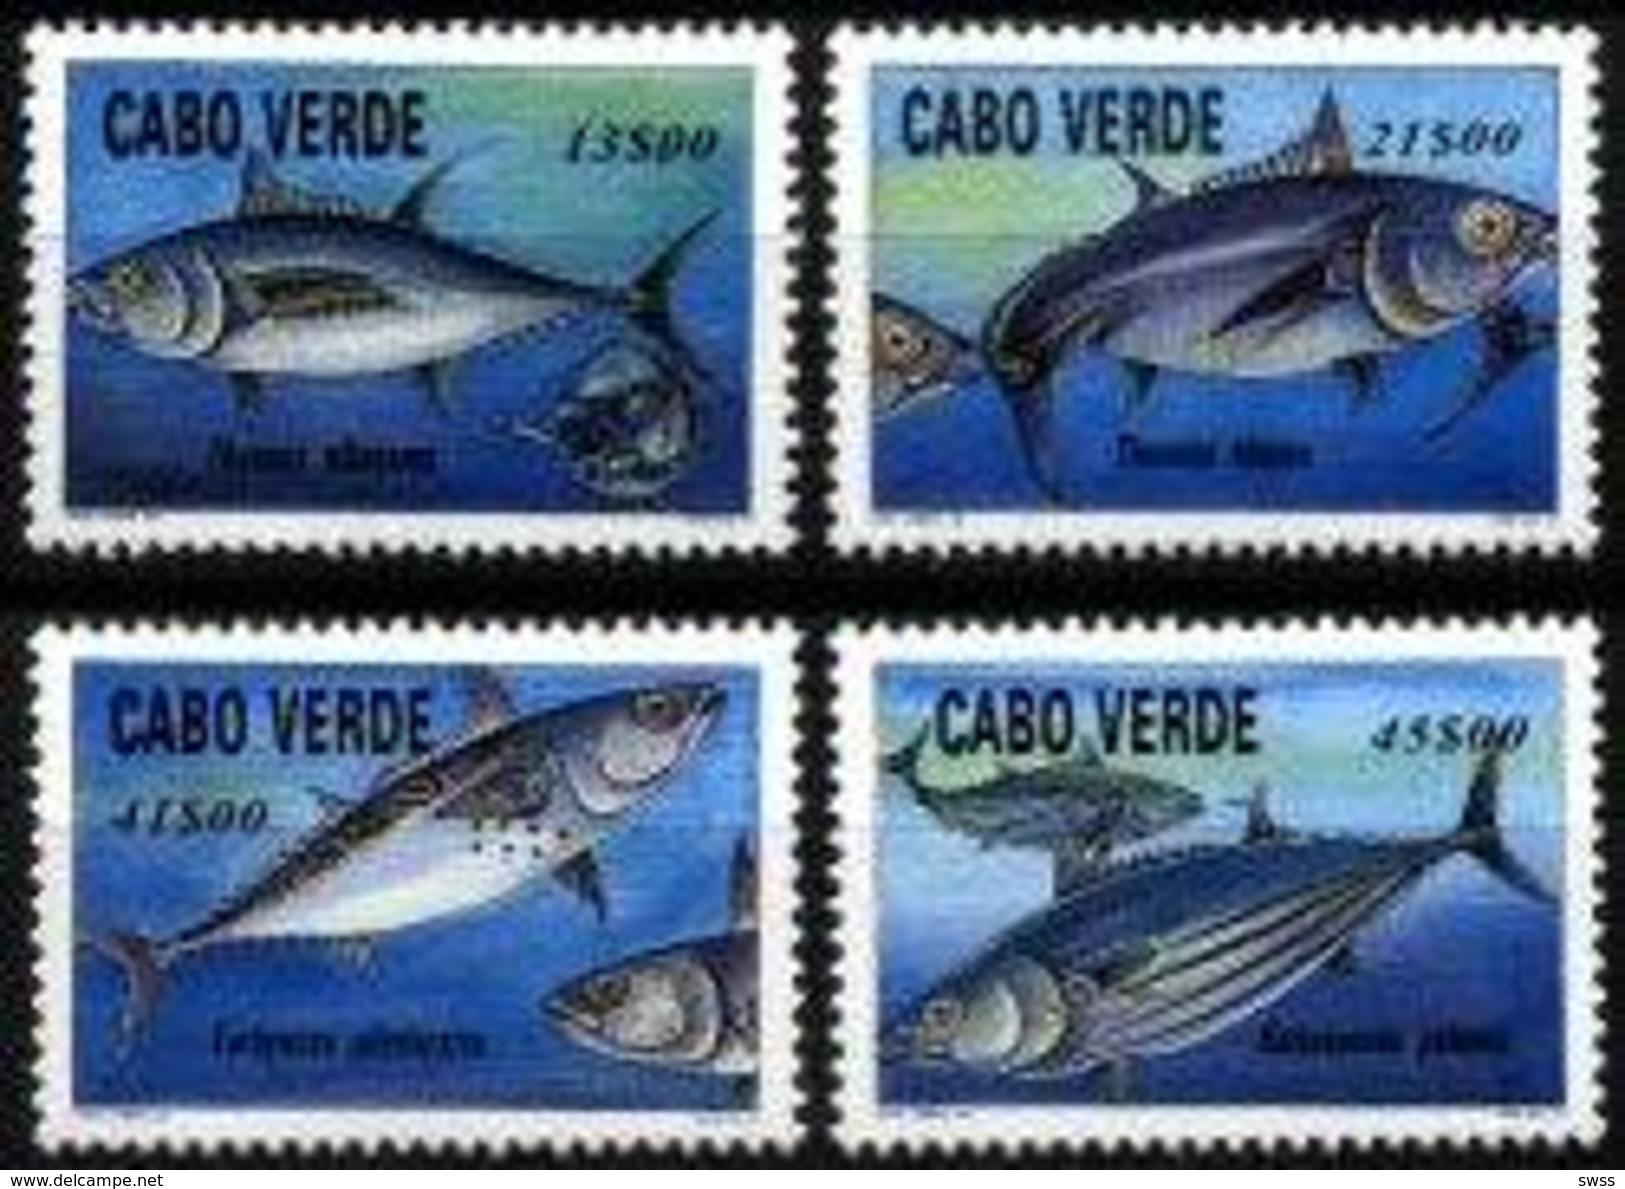 CAPE VERDE, 1997, MARINE FAUNA, TUNA FISH, R#377-80, MNH - Cap Vert